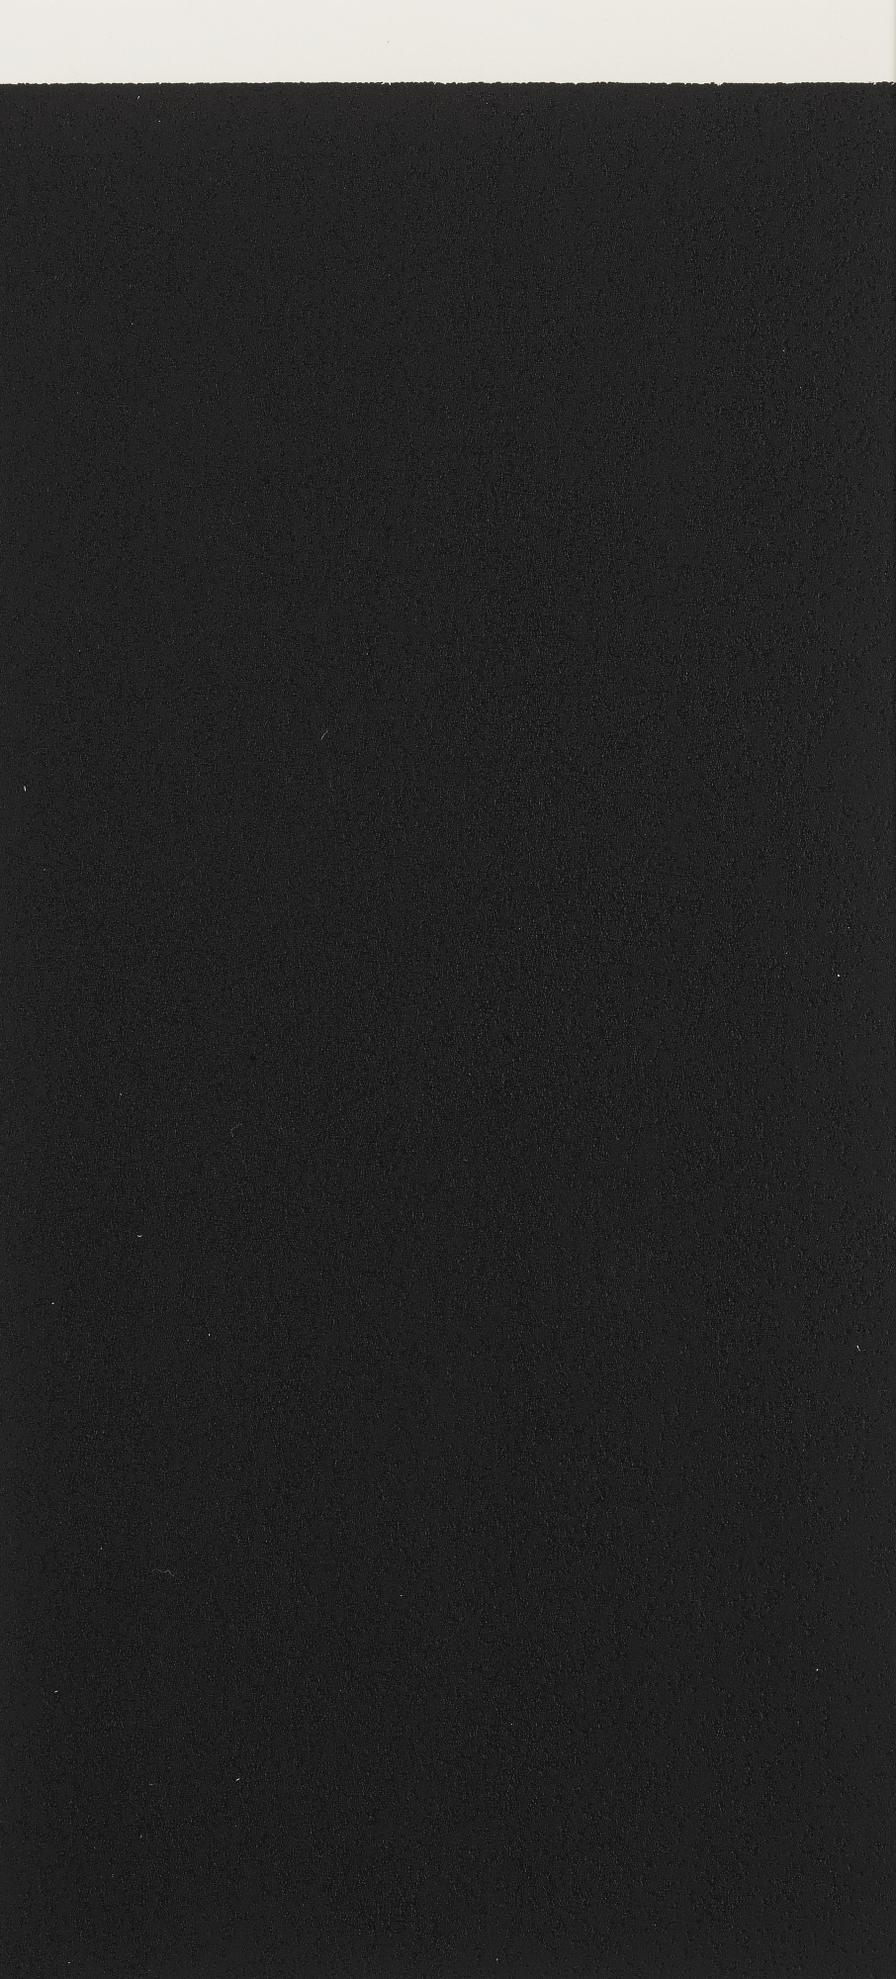 Richard Serra-Ballast I, II & III-2011